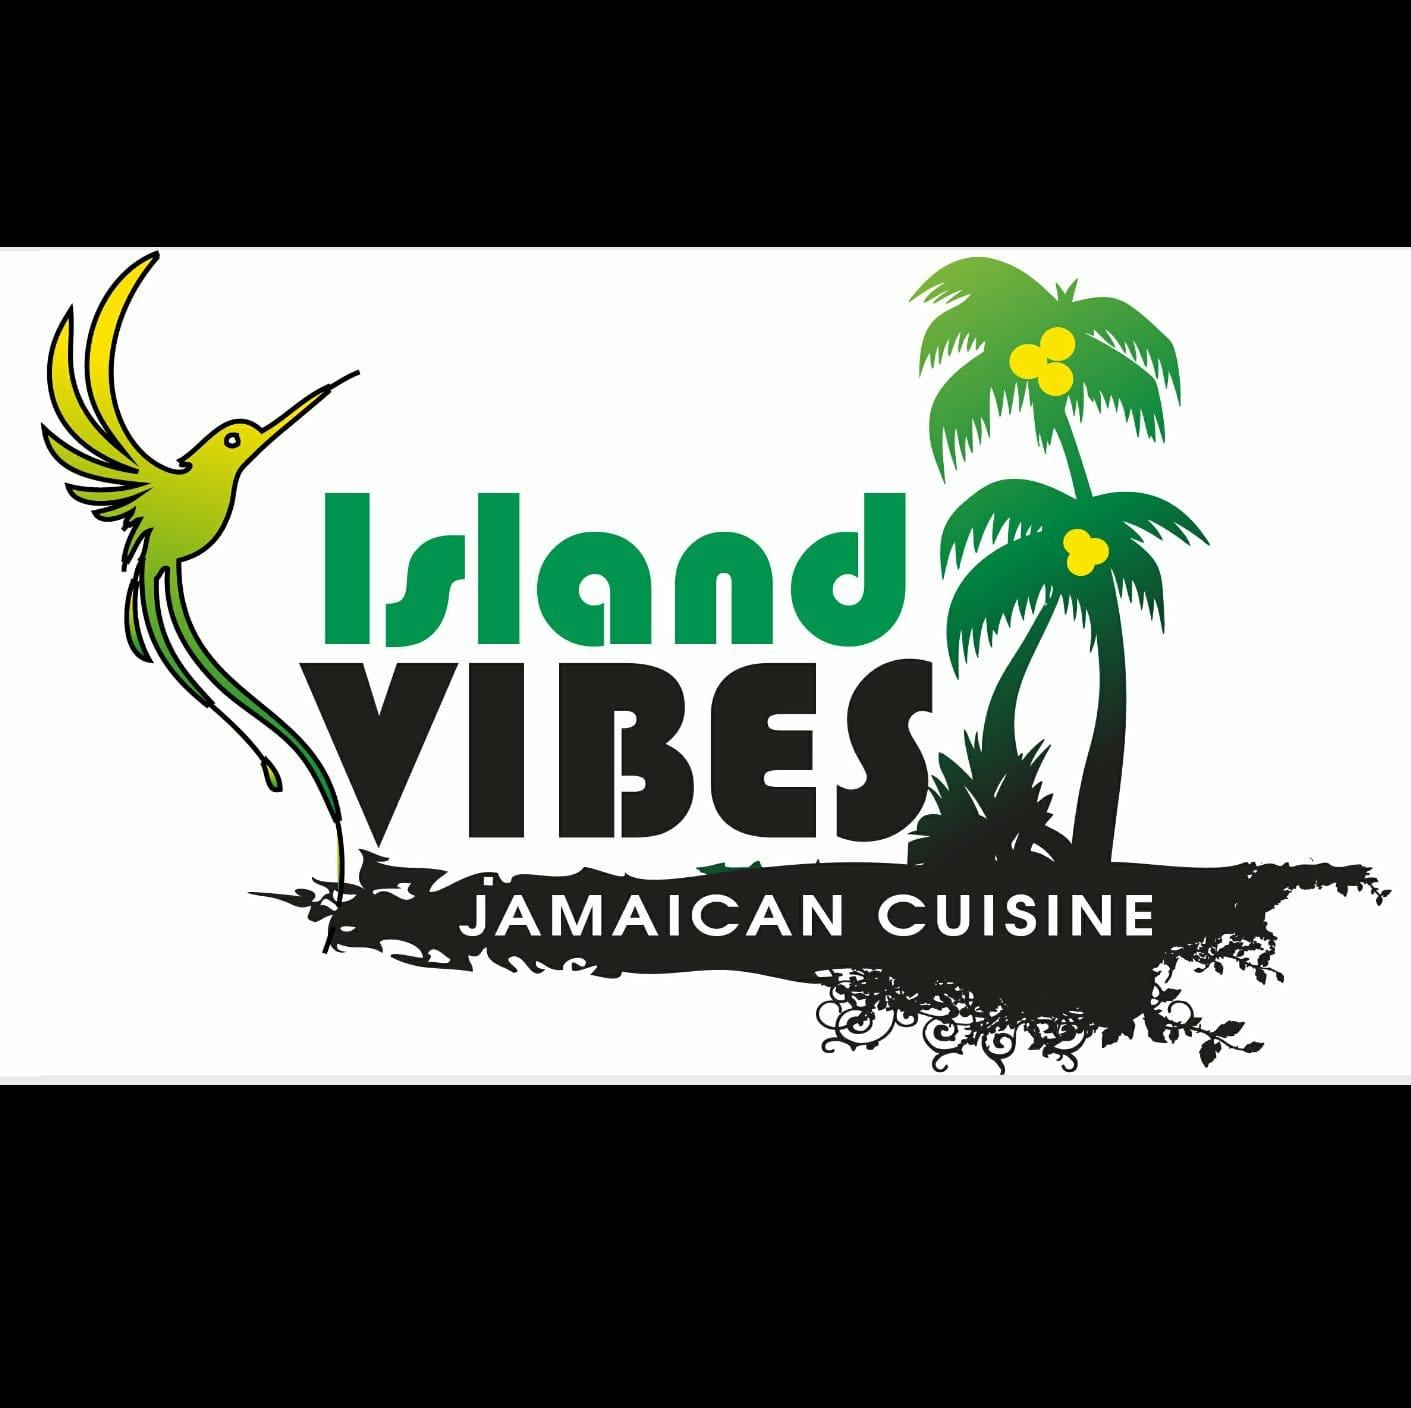 Island Vibes Jamaican Cuisine logo